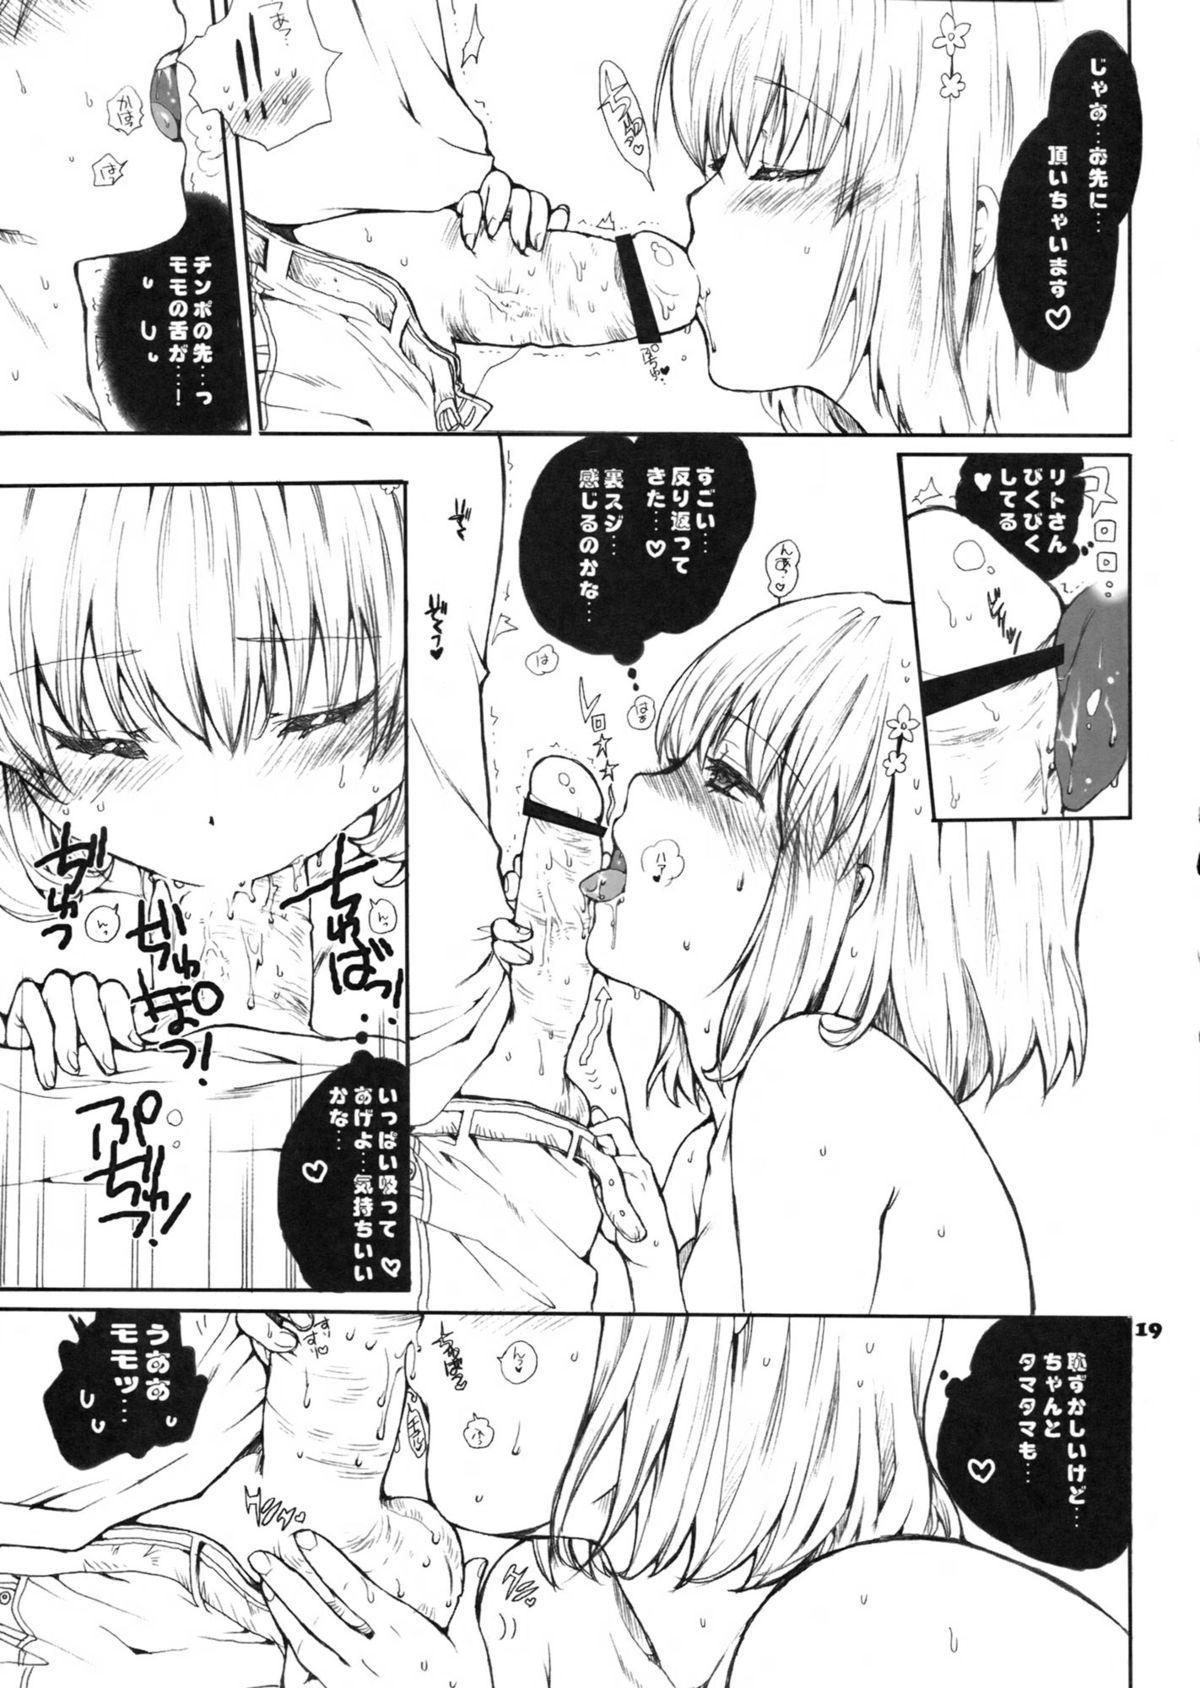 Momo no Harem Daisakusen 17